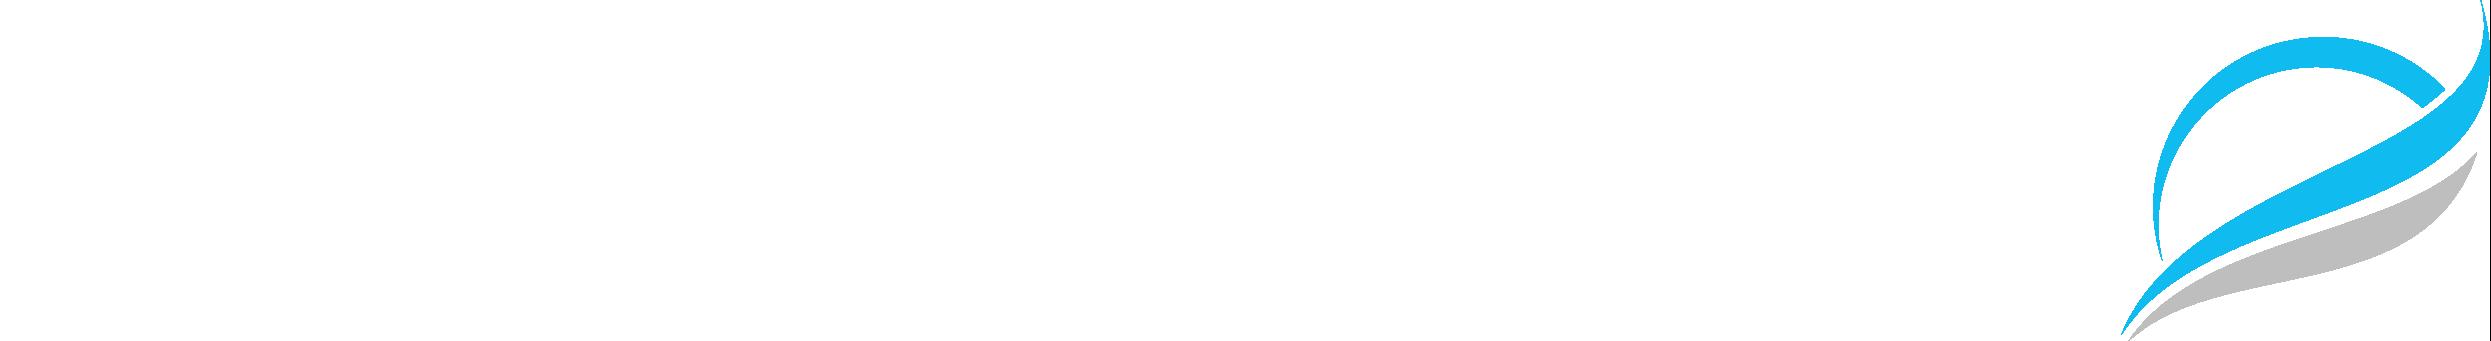 Clair Group, groupe aéronautique fondé par Charles Clair